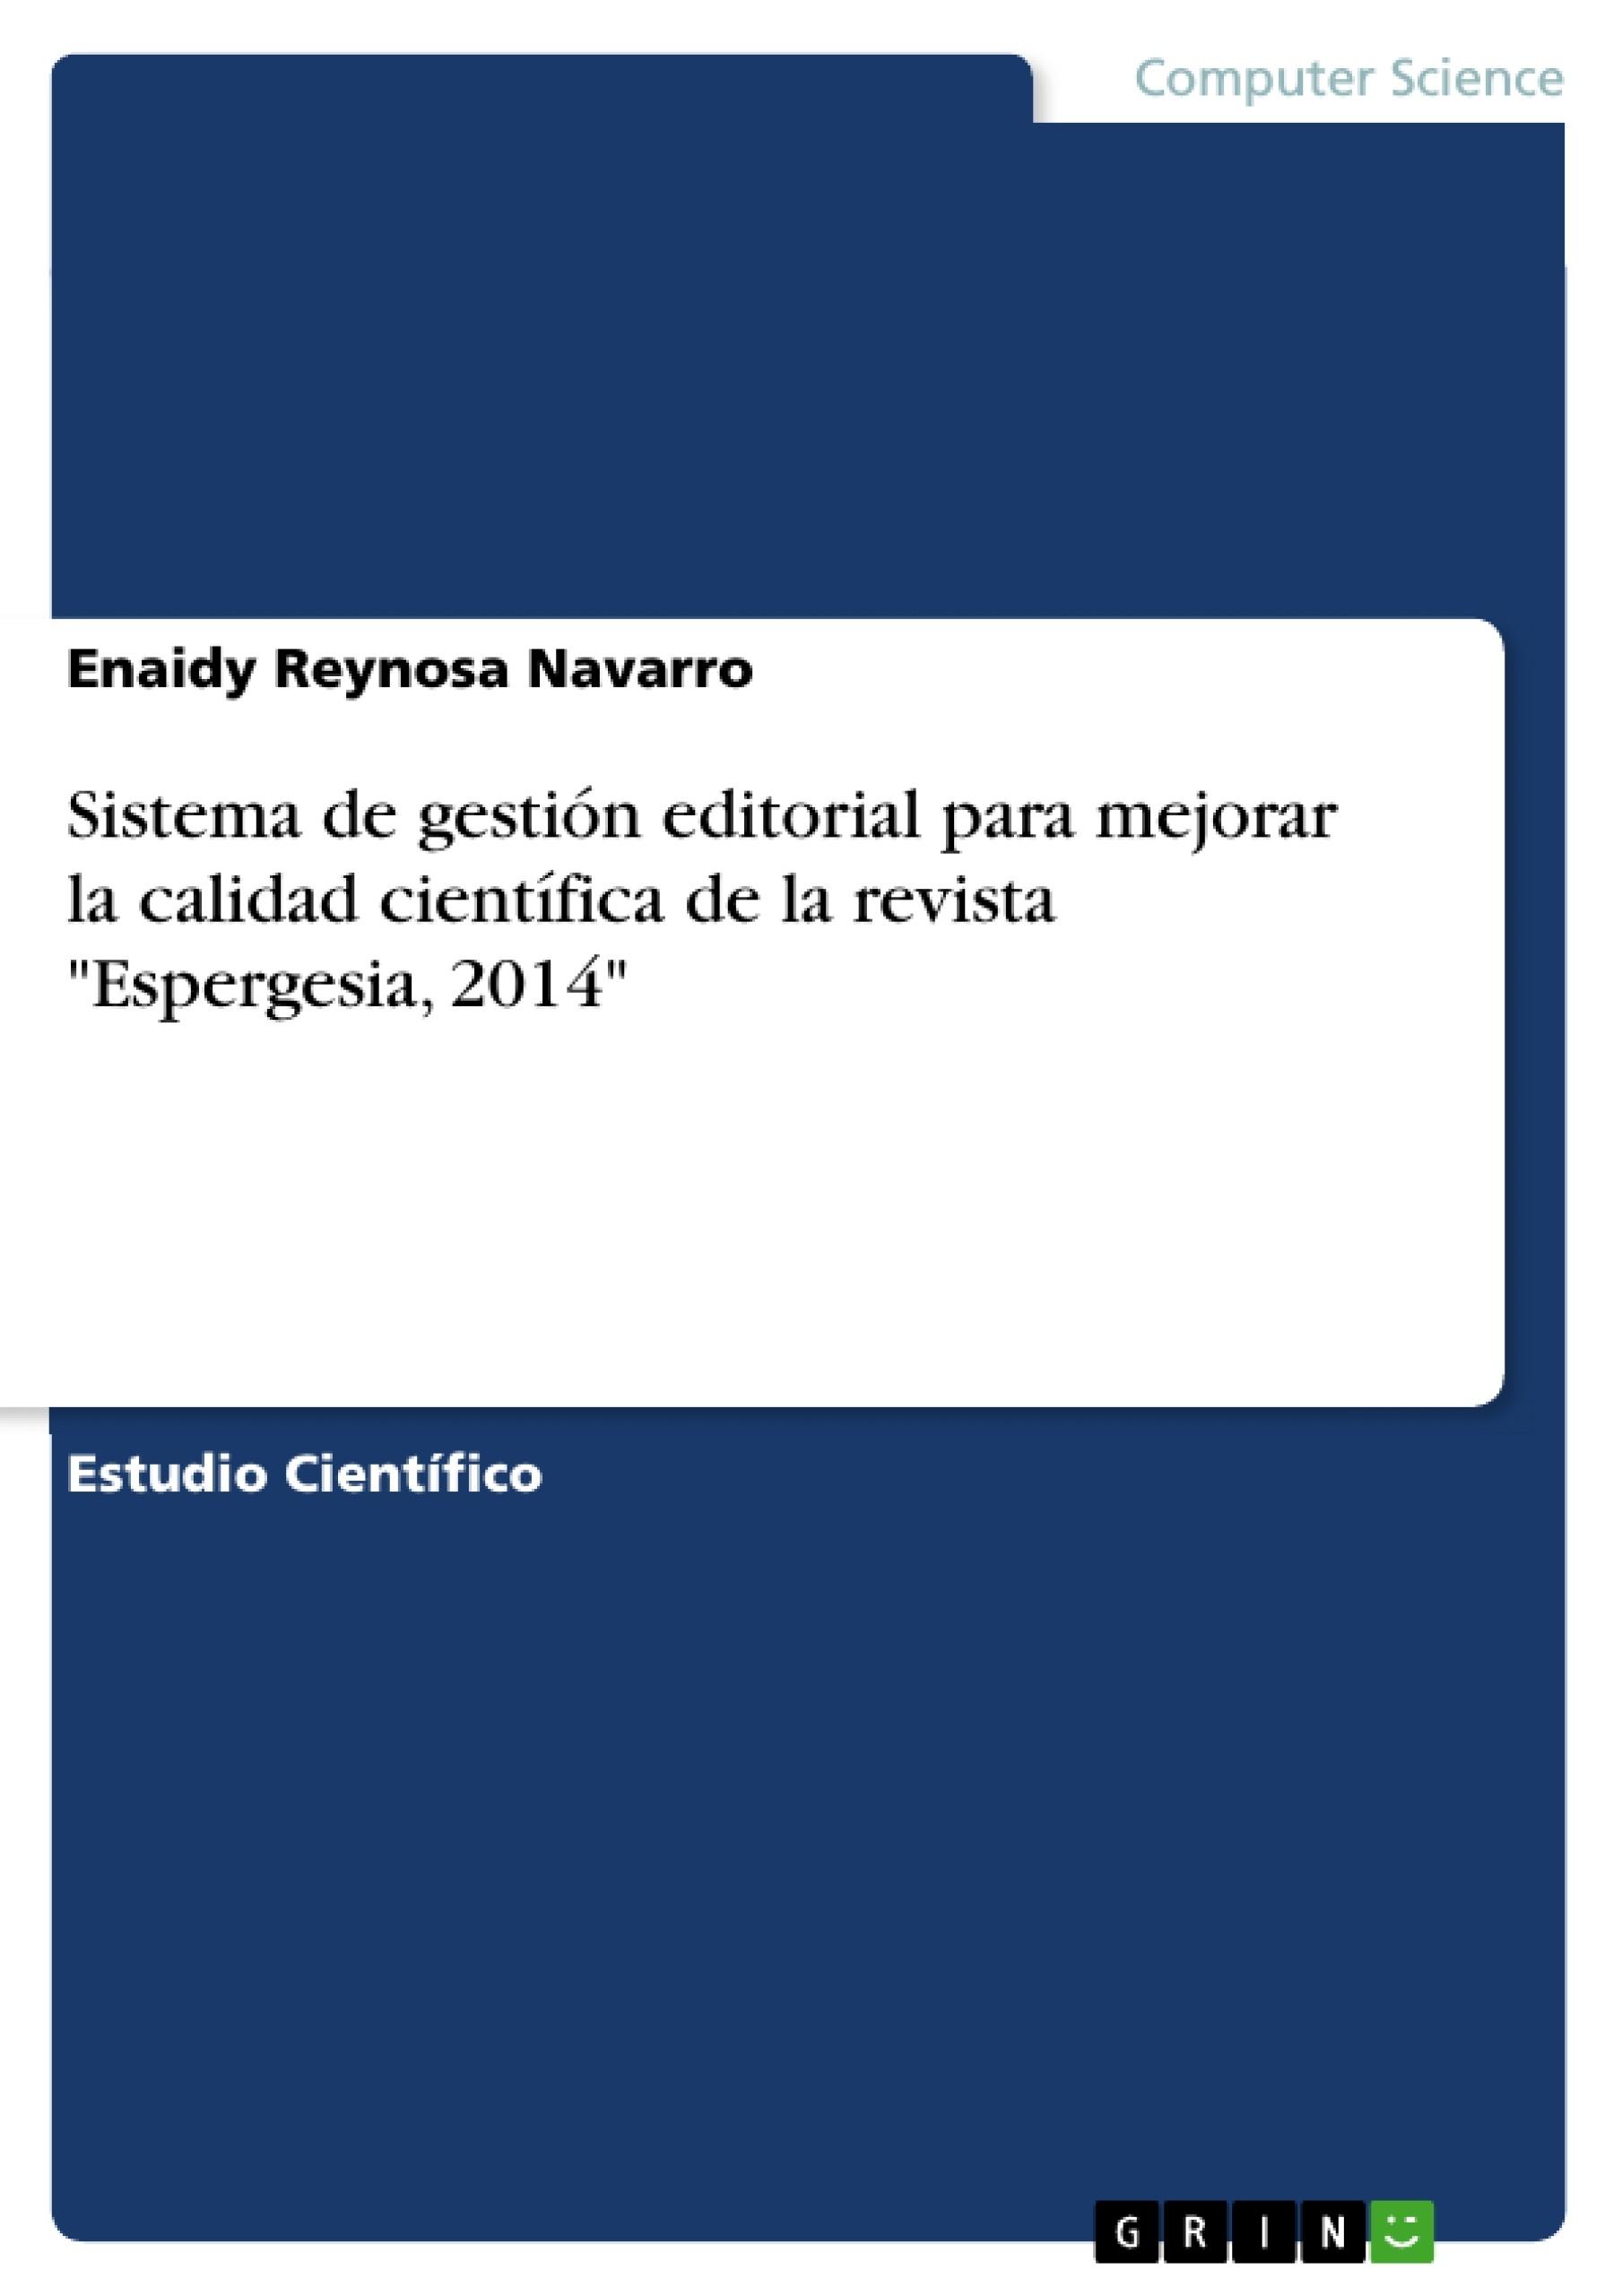 """Título: Sistema de gestión editorial para mejorar la calidad científica de la revista """"Espergesia, 2014"""""""